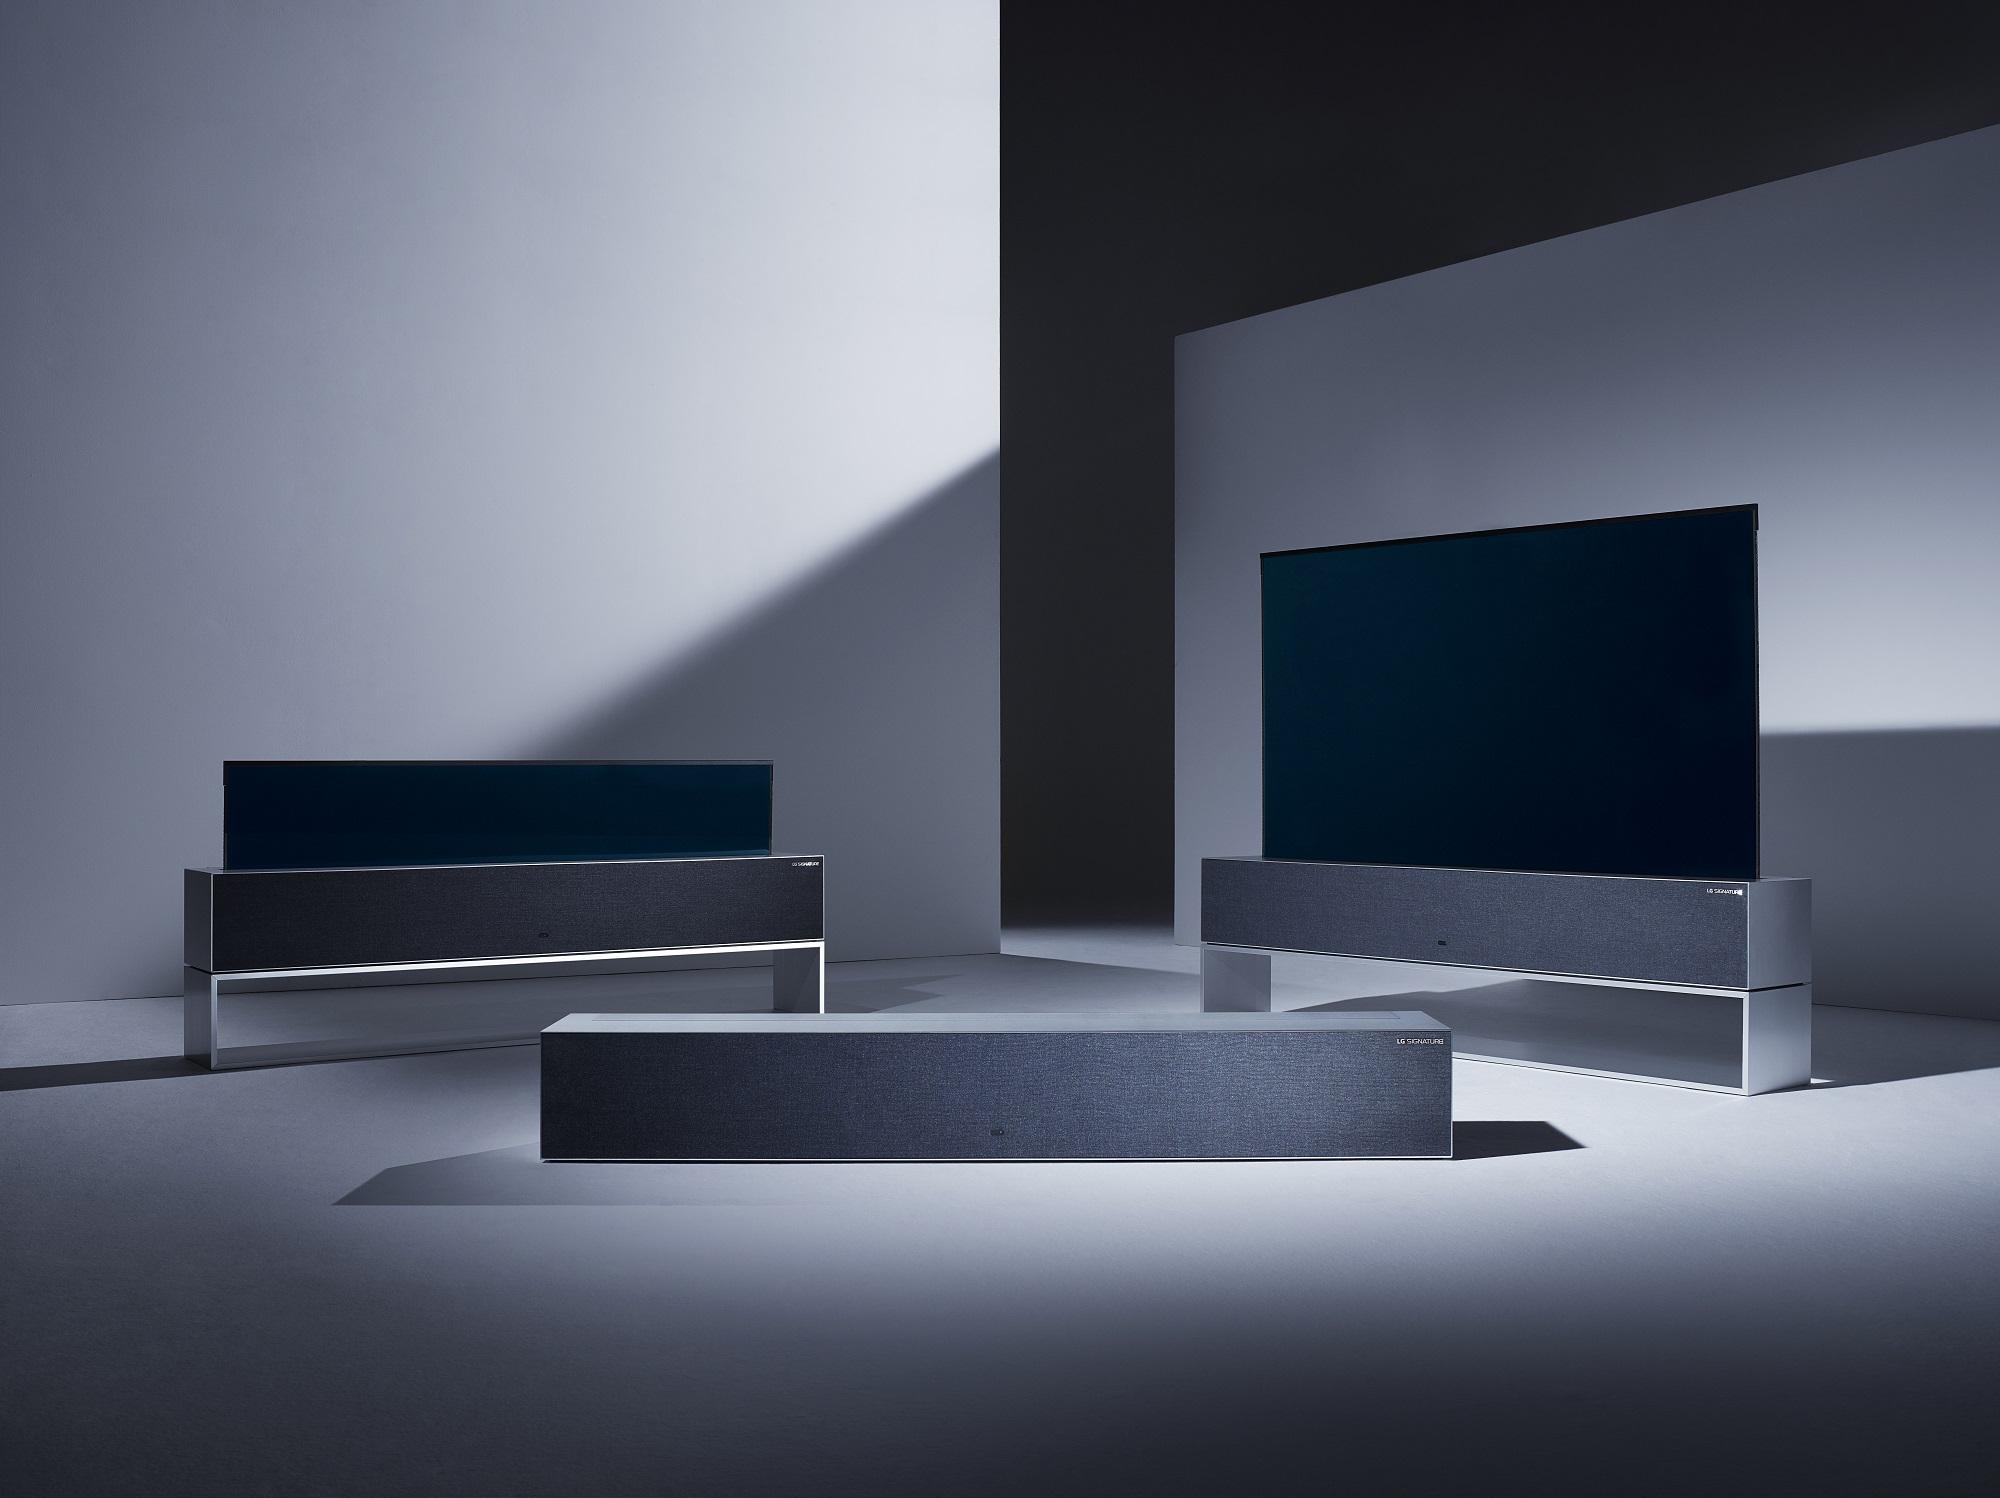 화면을 말거나 펼 수 있는 세계 최초 롤러블 올레드 TV 'LG 시그니처 올레드 TV R' 제품 이미지